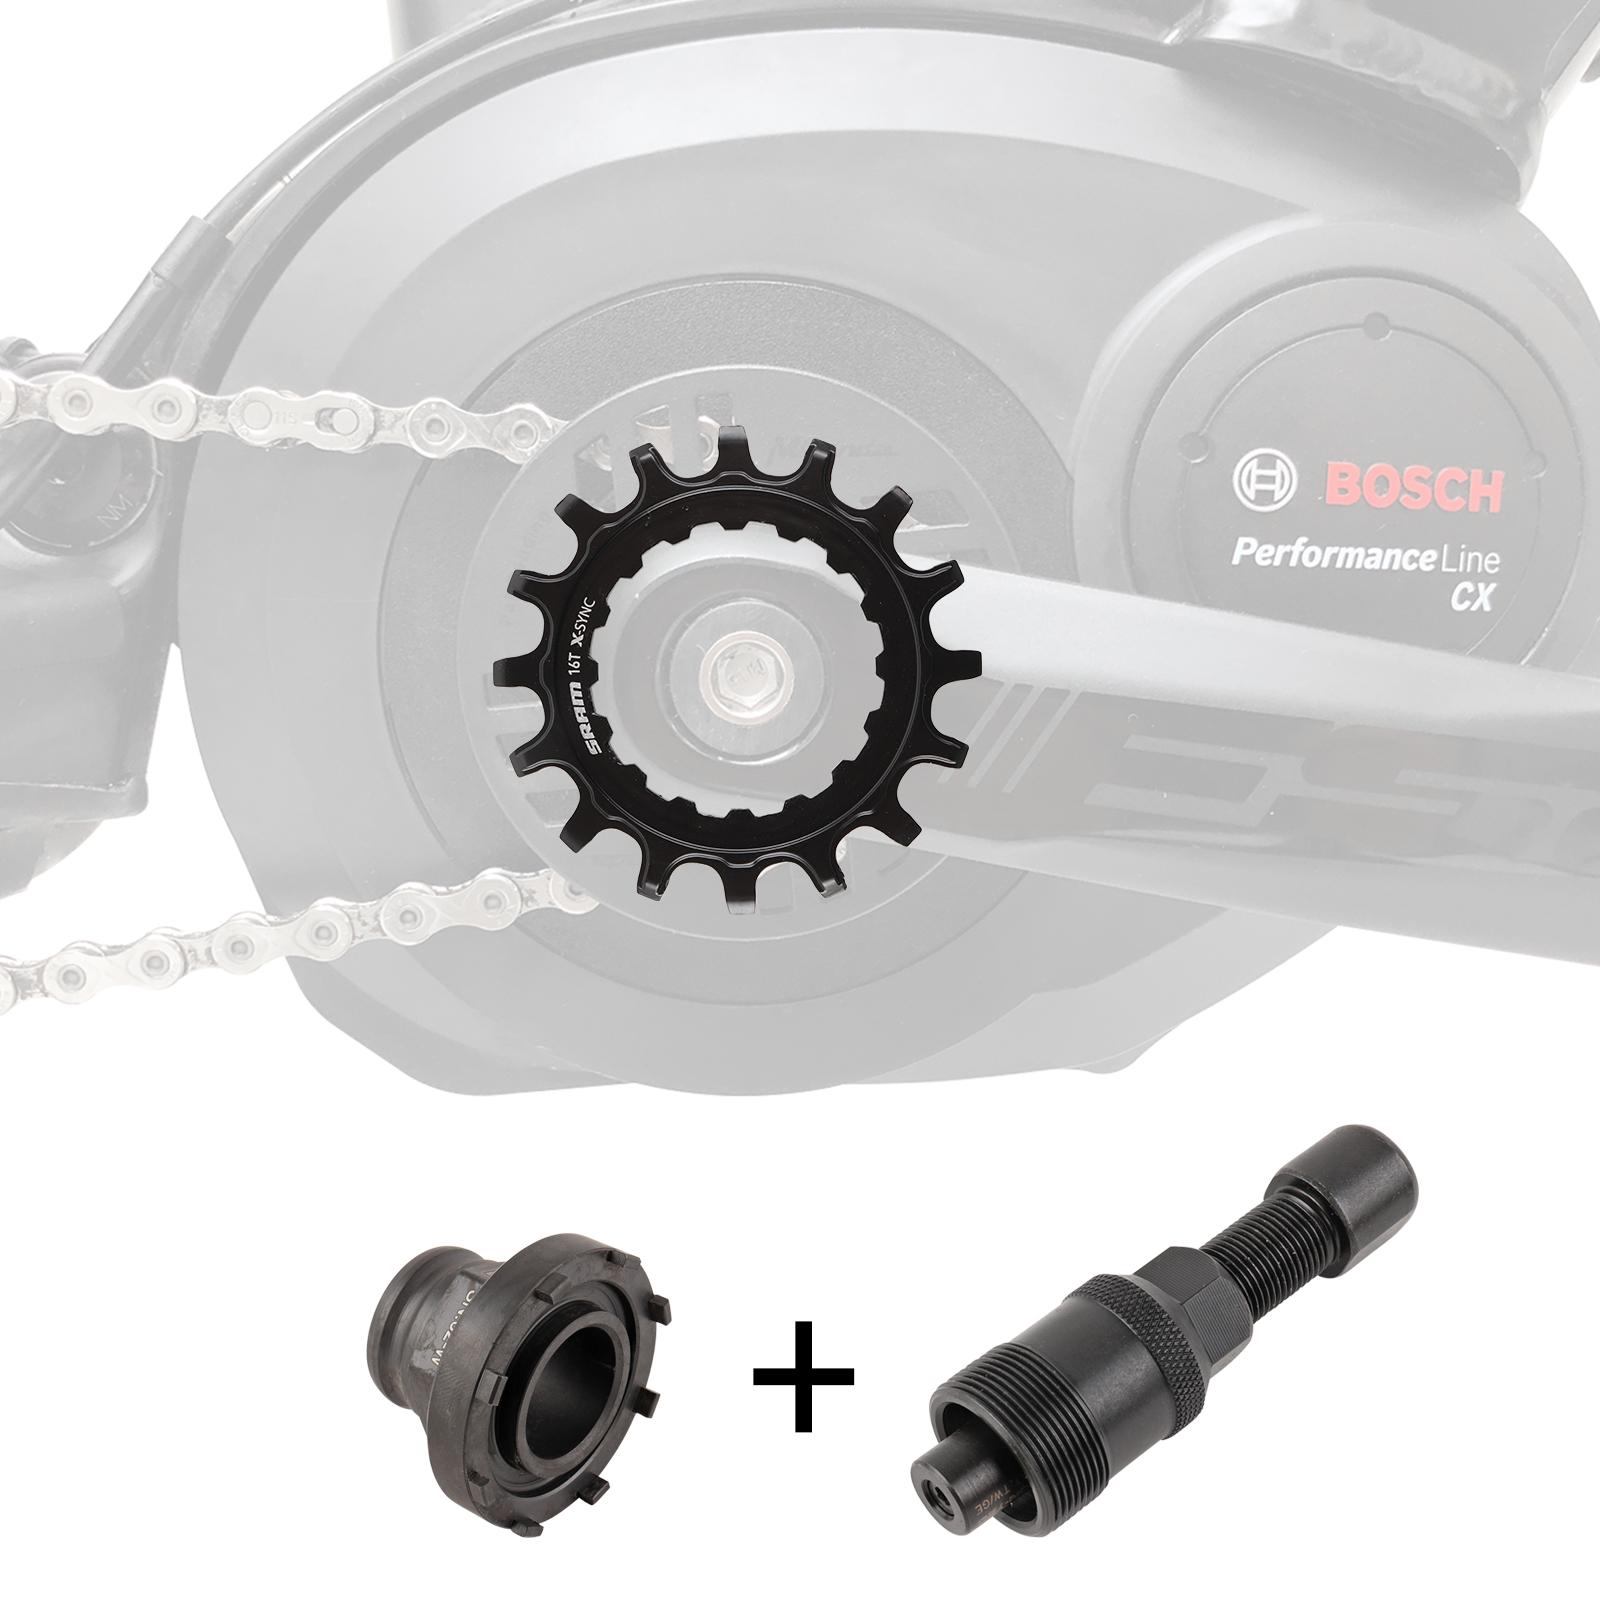 SRAM Kettenblatt 16T EX1 X-Sync™ für Bosch inkl. Montagewerkzeug